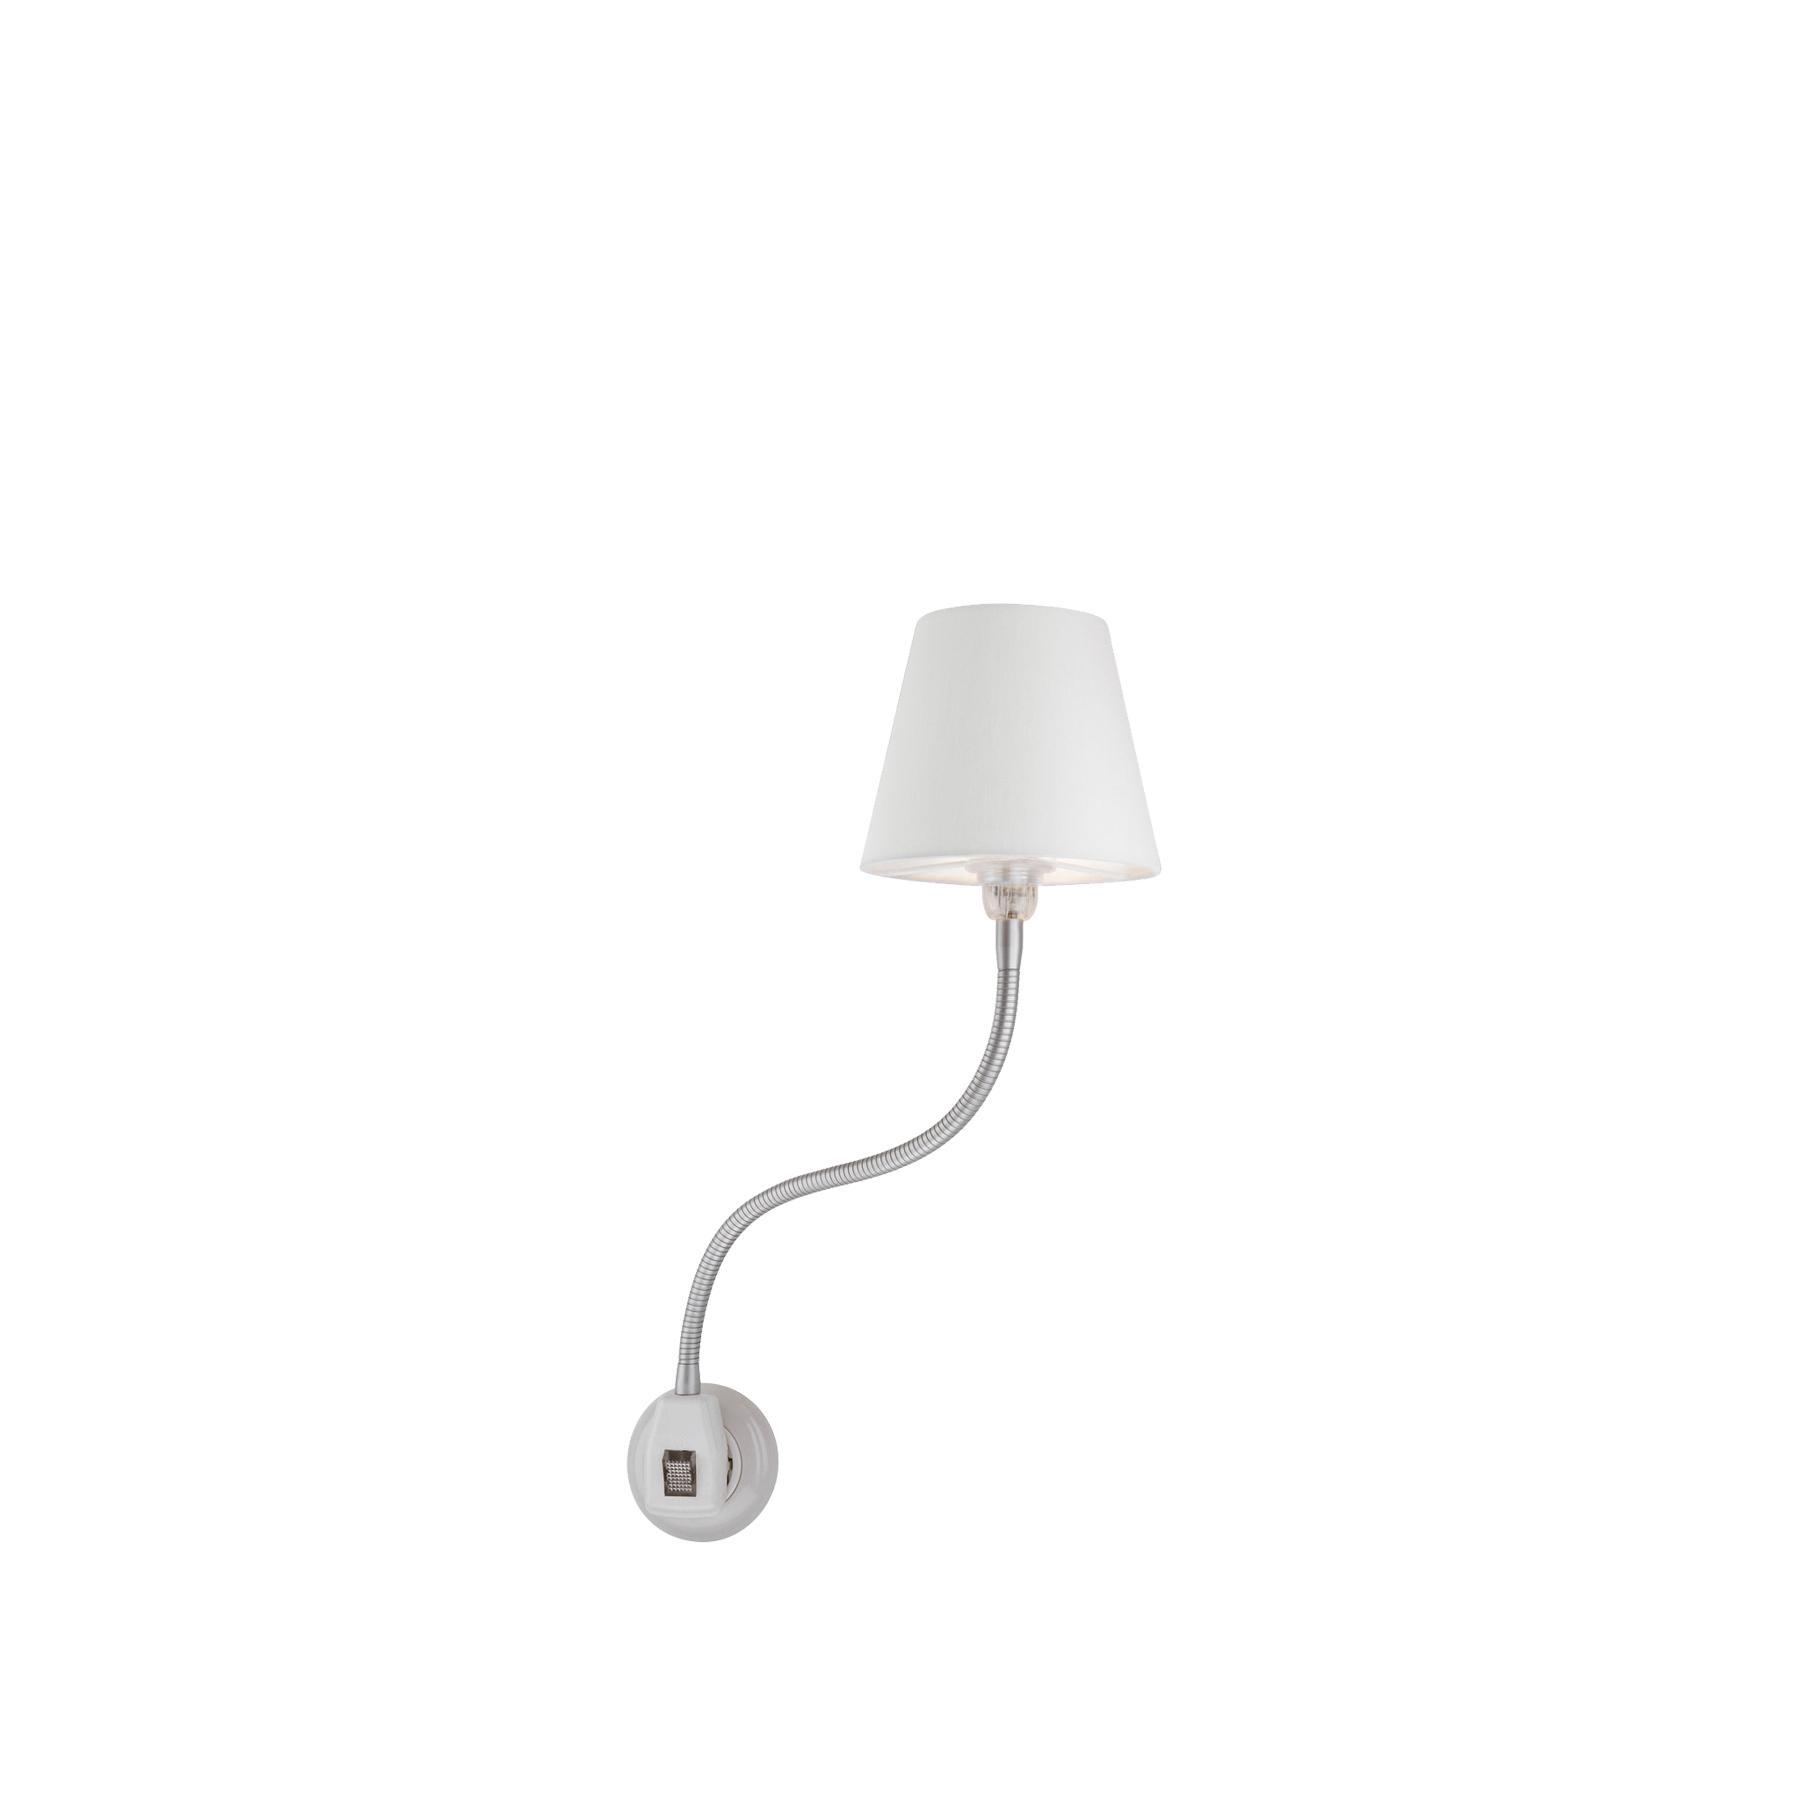 deckenleuchte leuchten designikonen designm bel shop. Black Bedroom Furniture Sets. Home Design Ideas